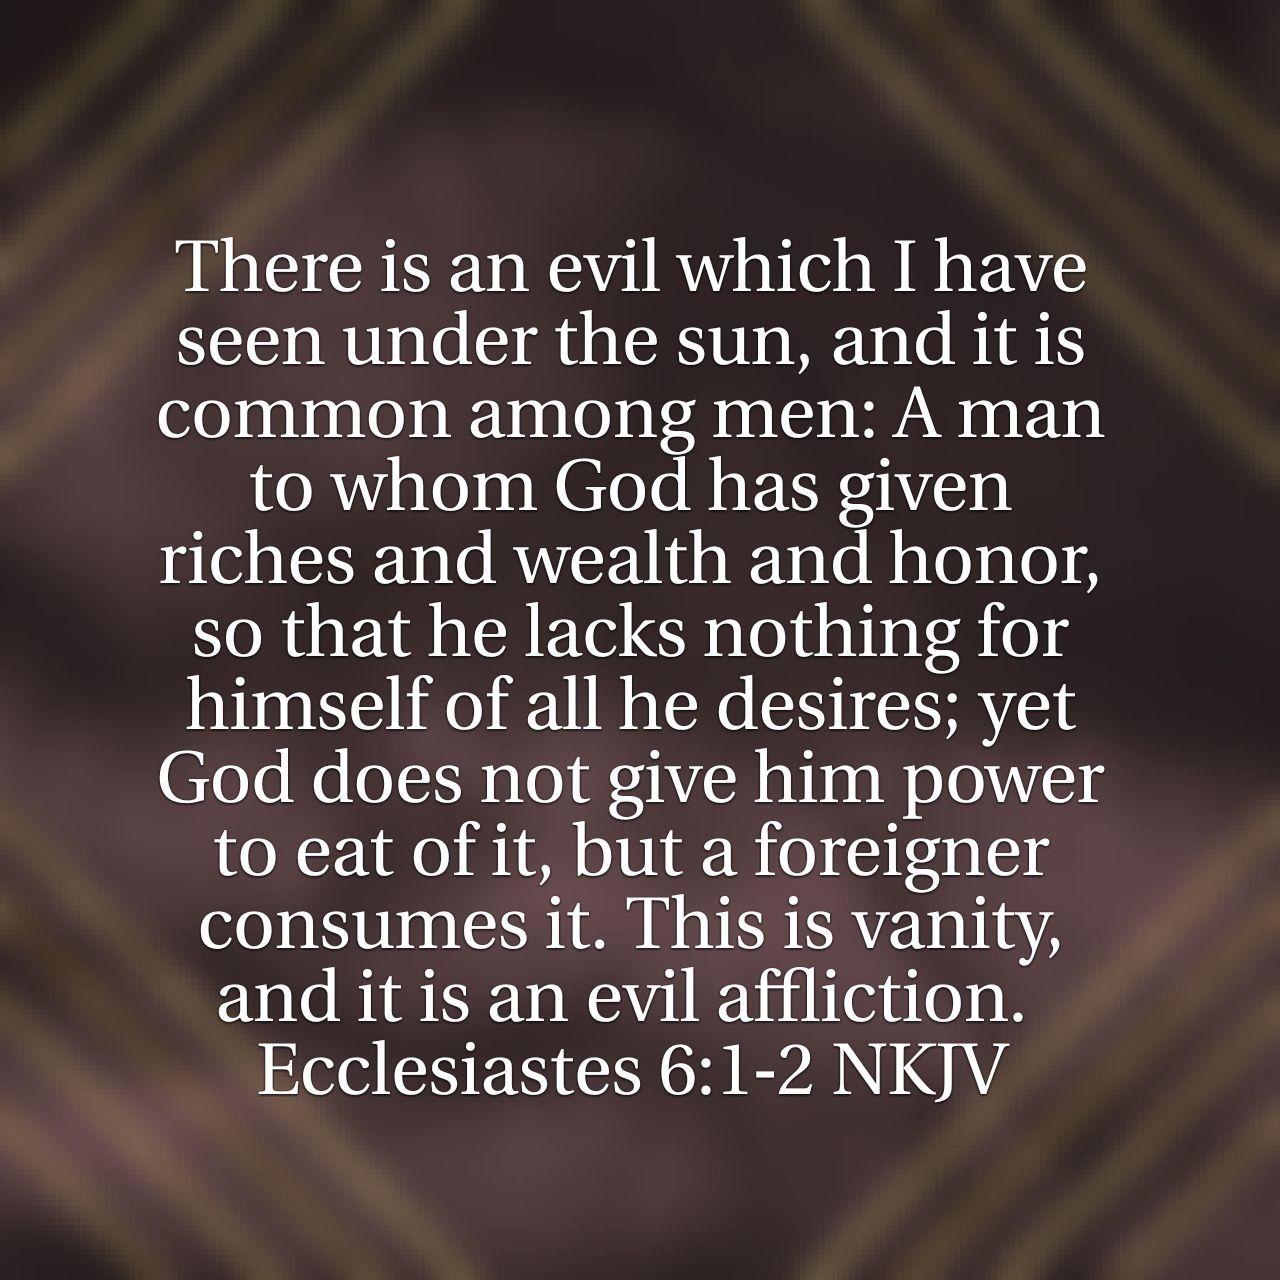 Ecclesiastes 6 1 2 Encouraging Scripture Christian Verses Ecclesiastes